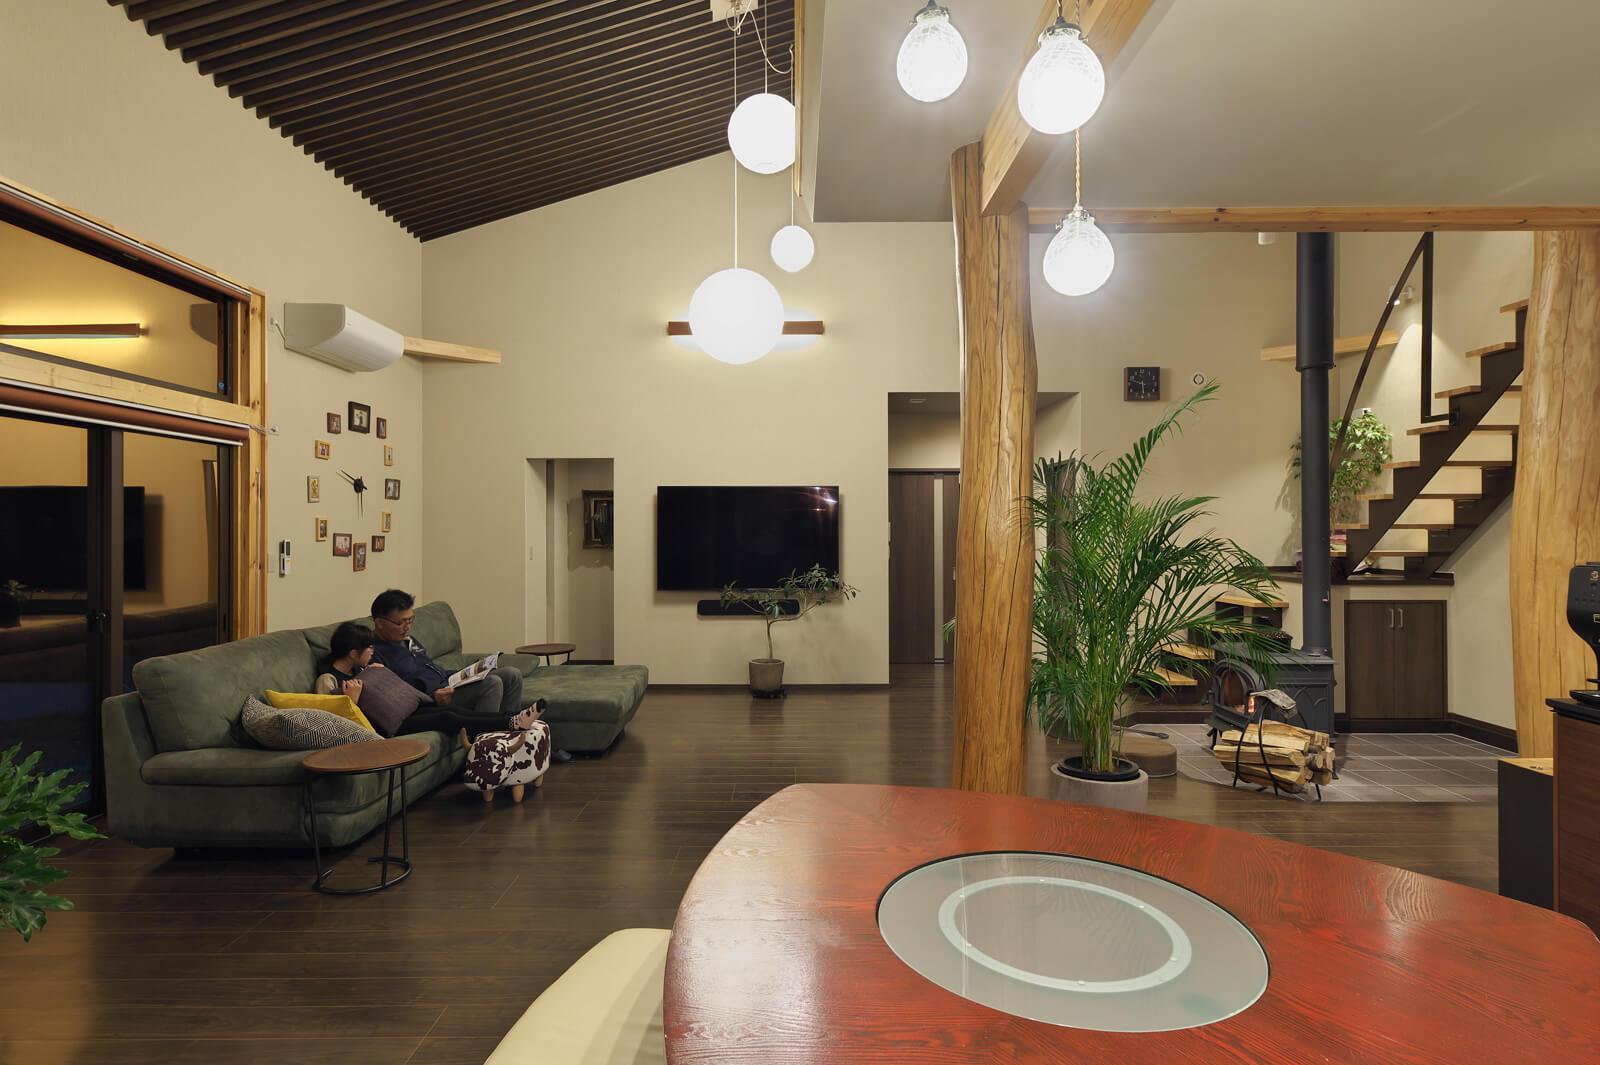 リビングは屋根なり吹き抜けの開放的な空間。きちんとした住宅性能のおかげで大空間でも薪ストーブやエアコンで、十分快適に過ごせる